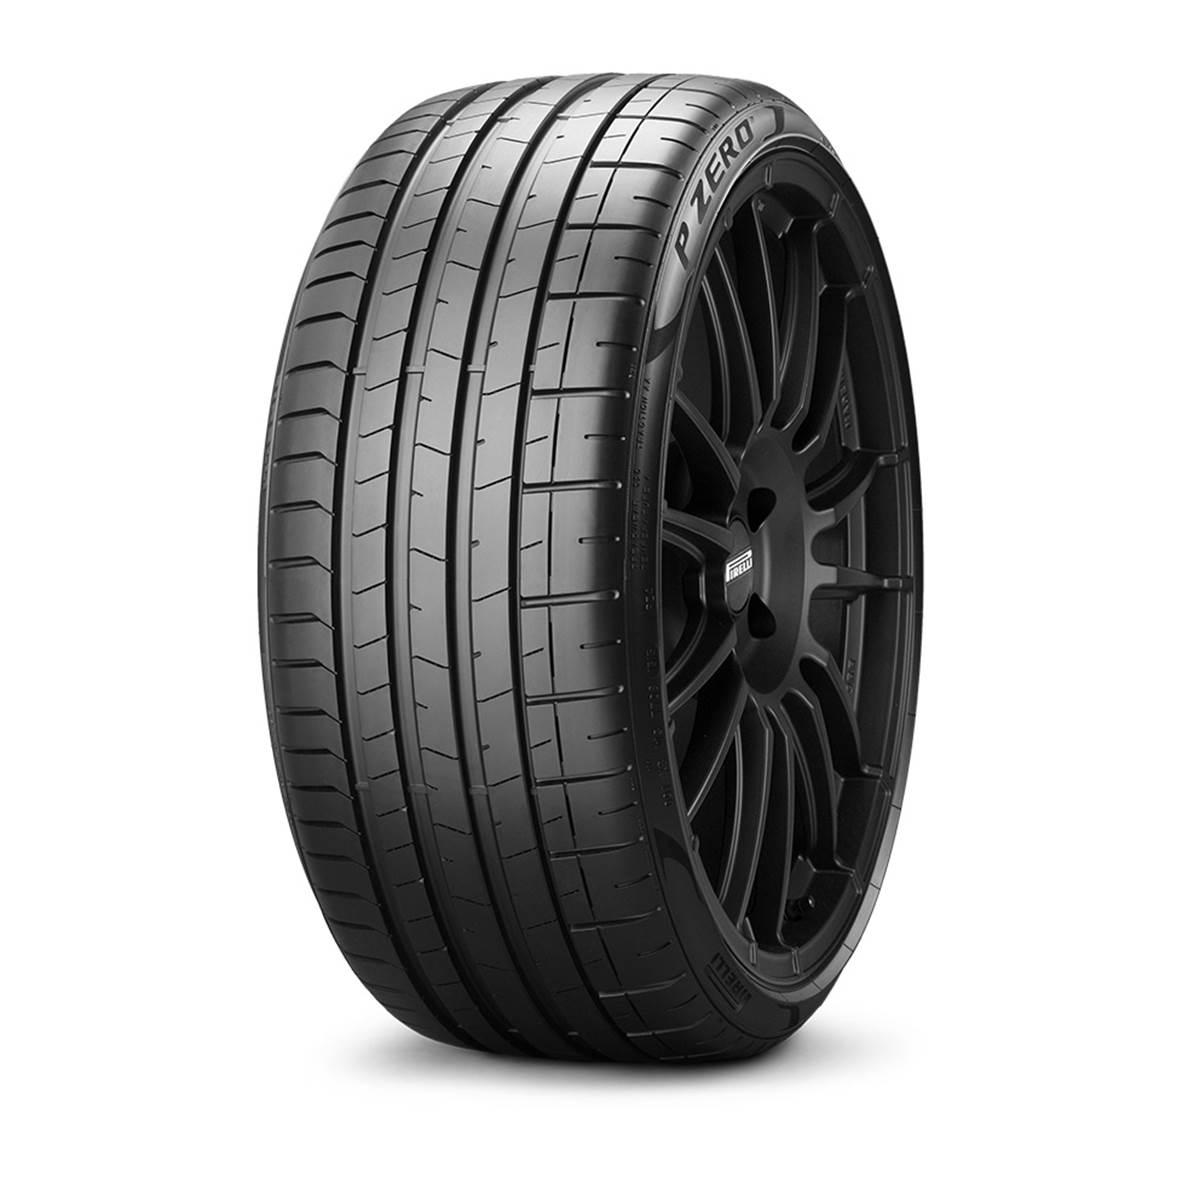 Pneu 4X4 Pirelli 275/45R21 107Y Pzero